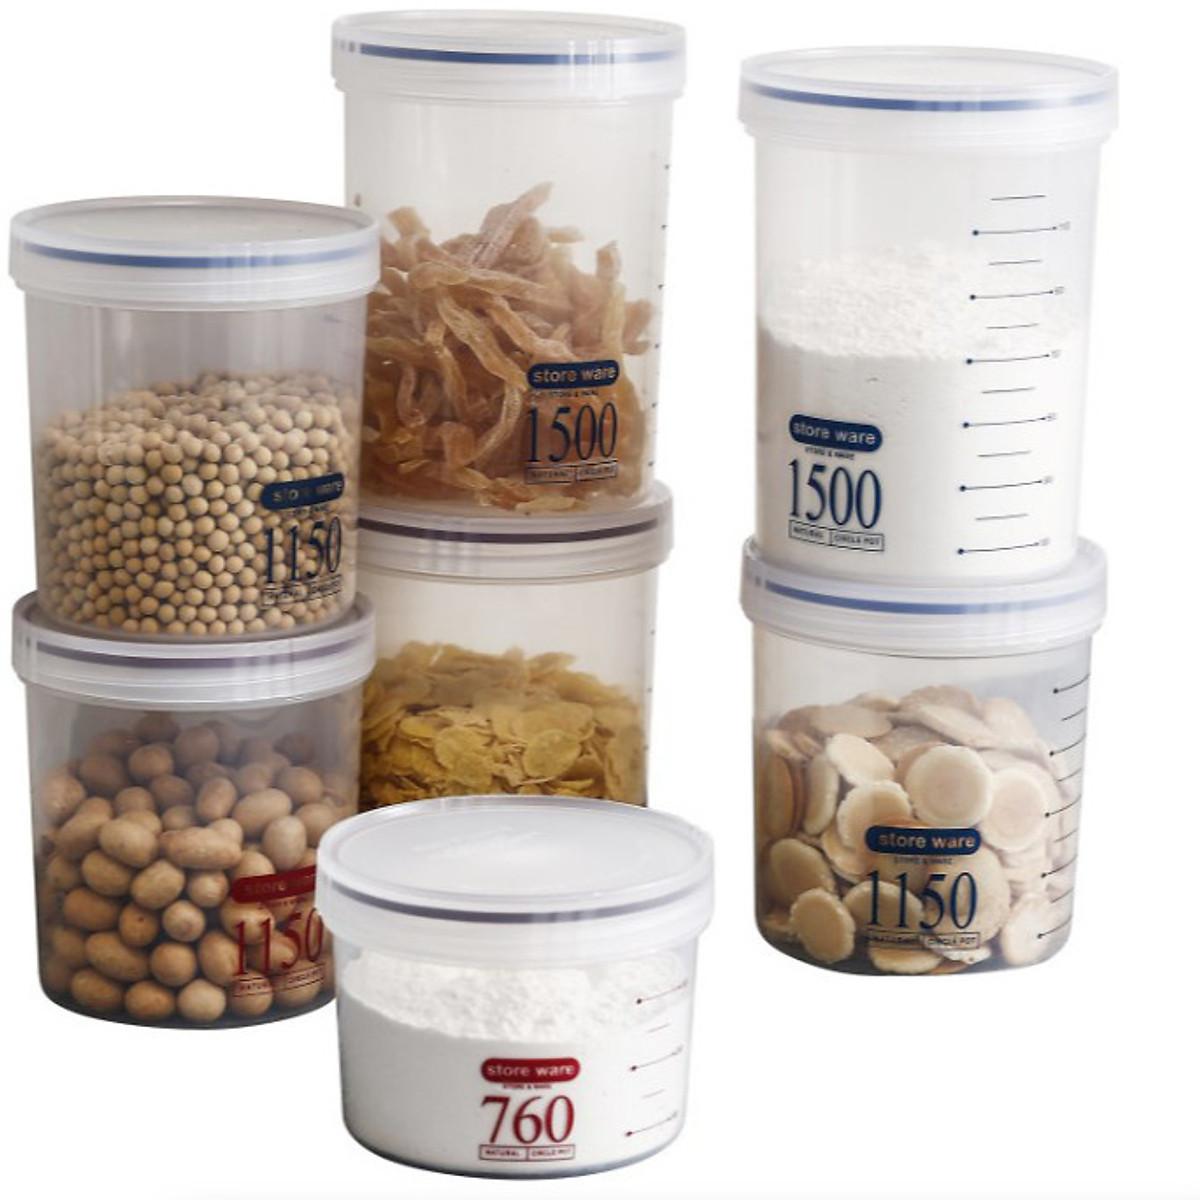 Đã mắt với phòng đựng đồ khô trong biệt thự nhà Tóc Tiên: Sắp xếp khoa học, an toàn, có hàng chục nguyên liệu cho những bữa ăn hấp dẫn - Ảnh 3.